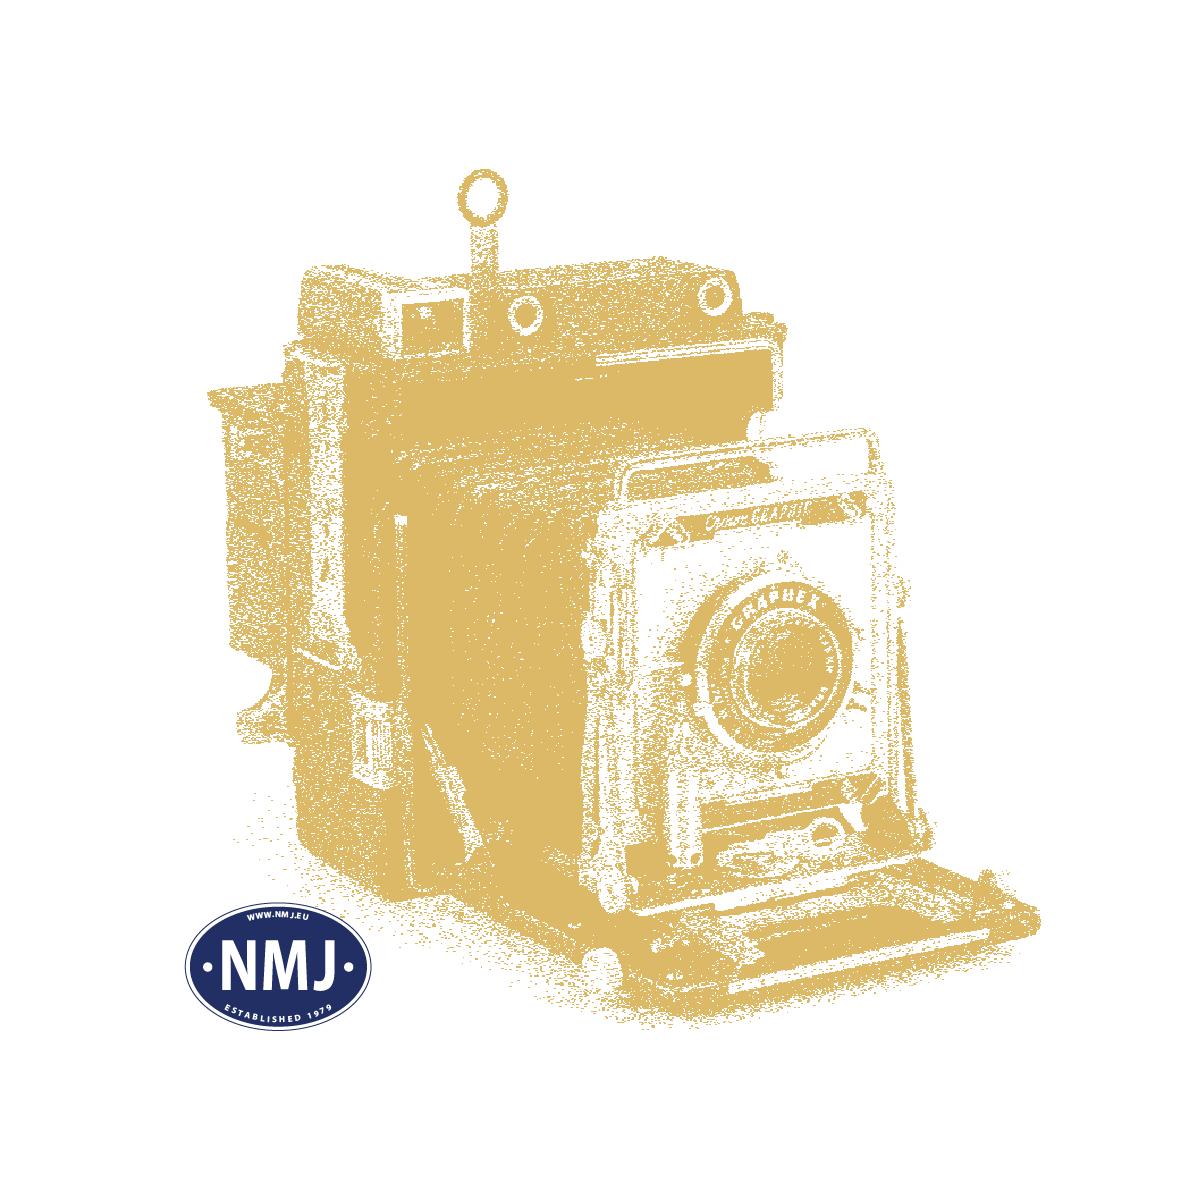 NMJH15106 - NMJ Skyline Strømmen Stasjon, 1940-talls, Ferdigmodell